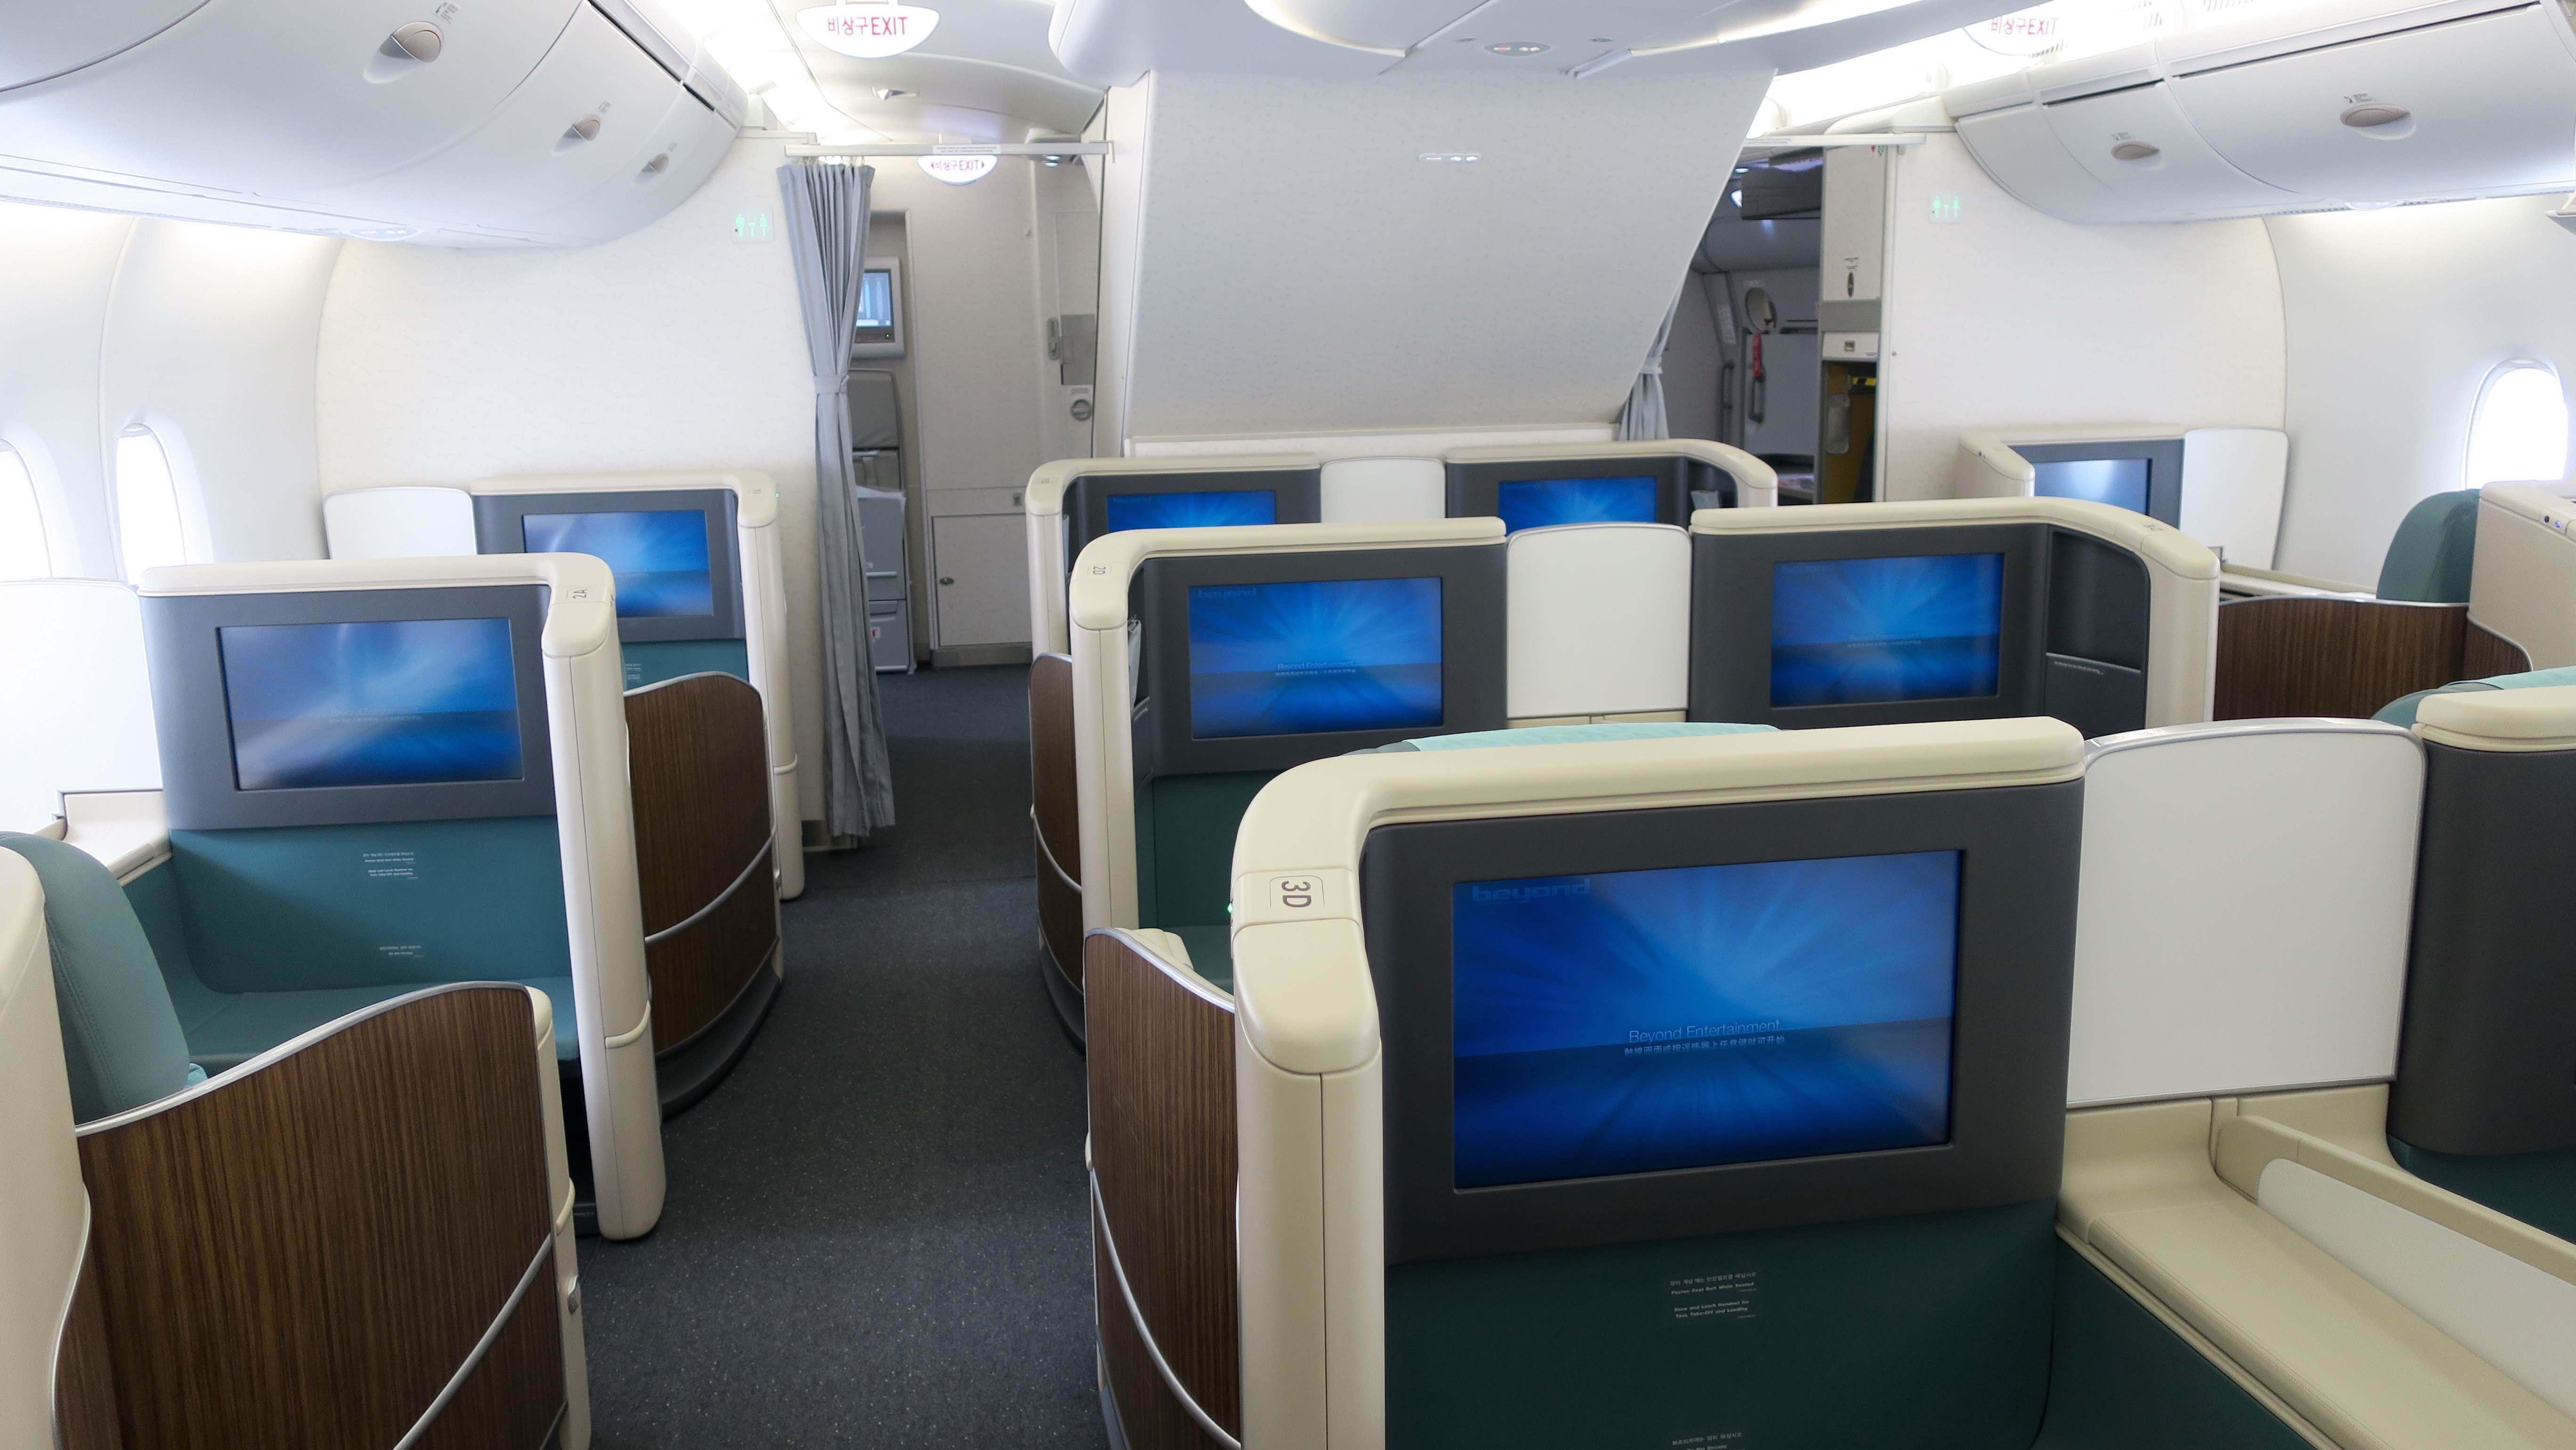 大韓航空(KE)のマイレージ加算率が変更(提携航空会社フライト時、2019/7/1搭乗分から)